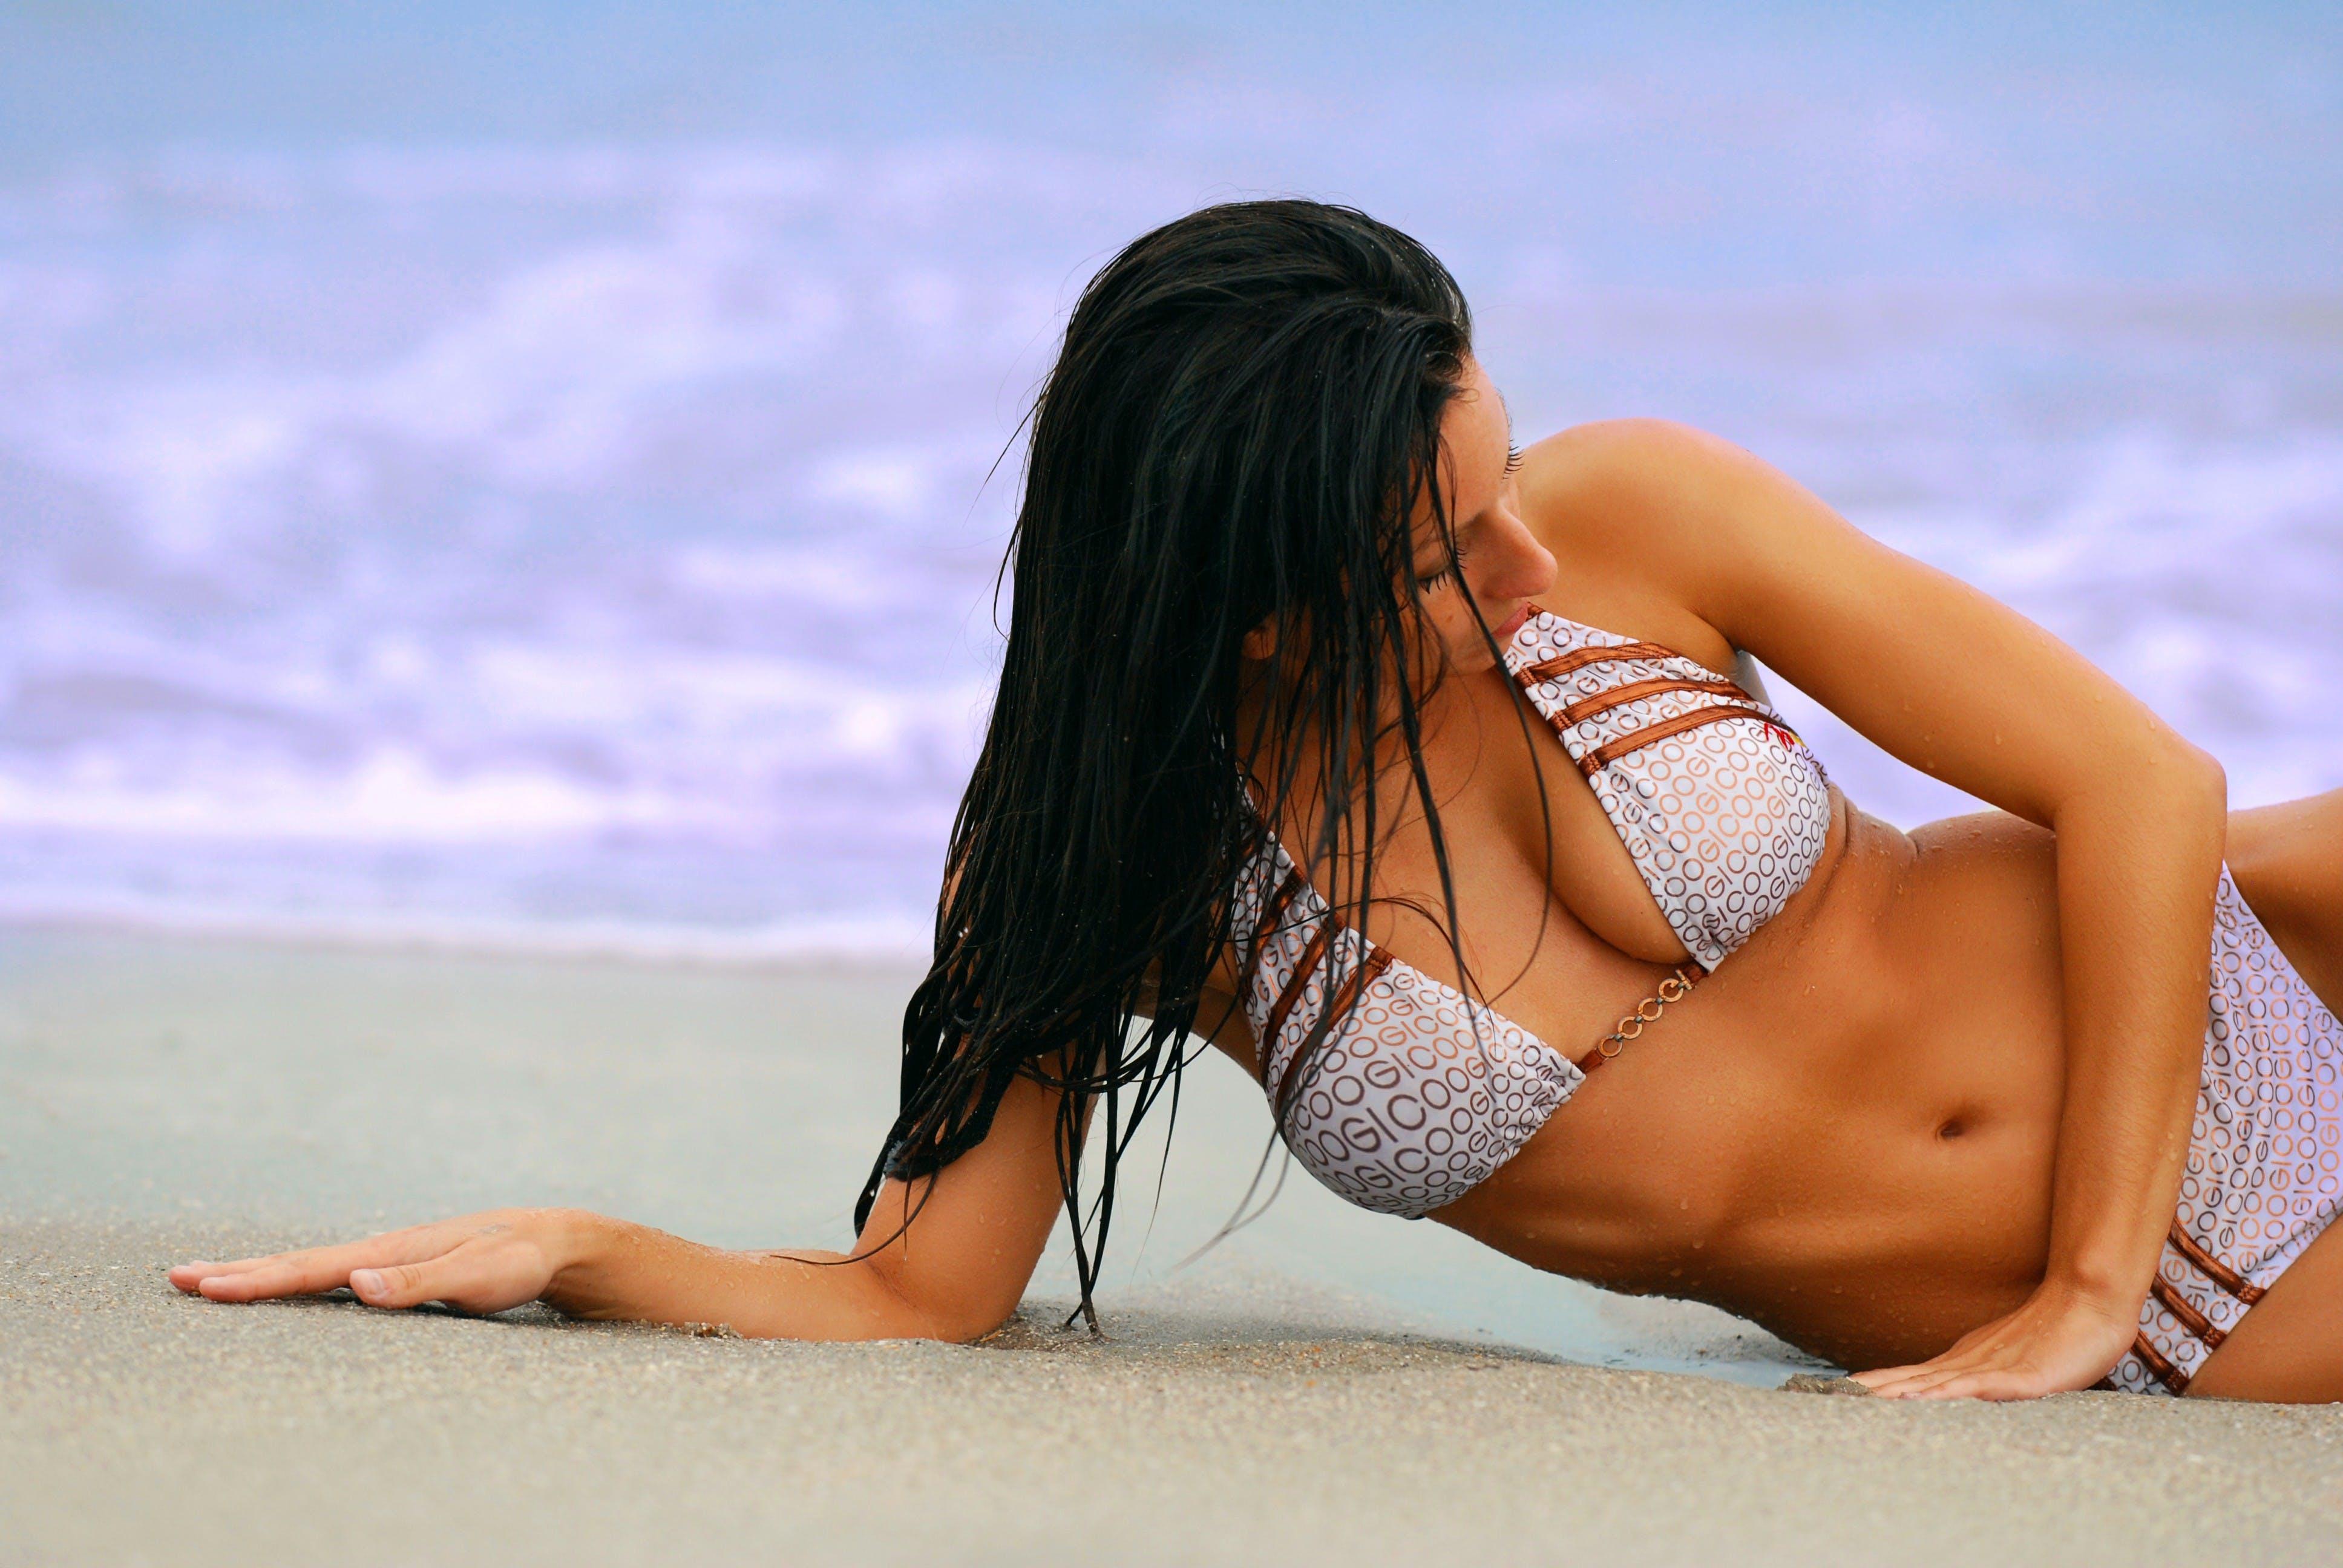 Woman Wearing White and Brown Bikini